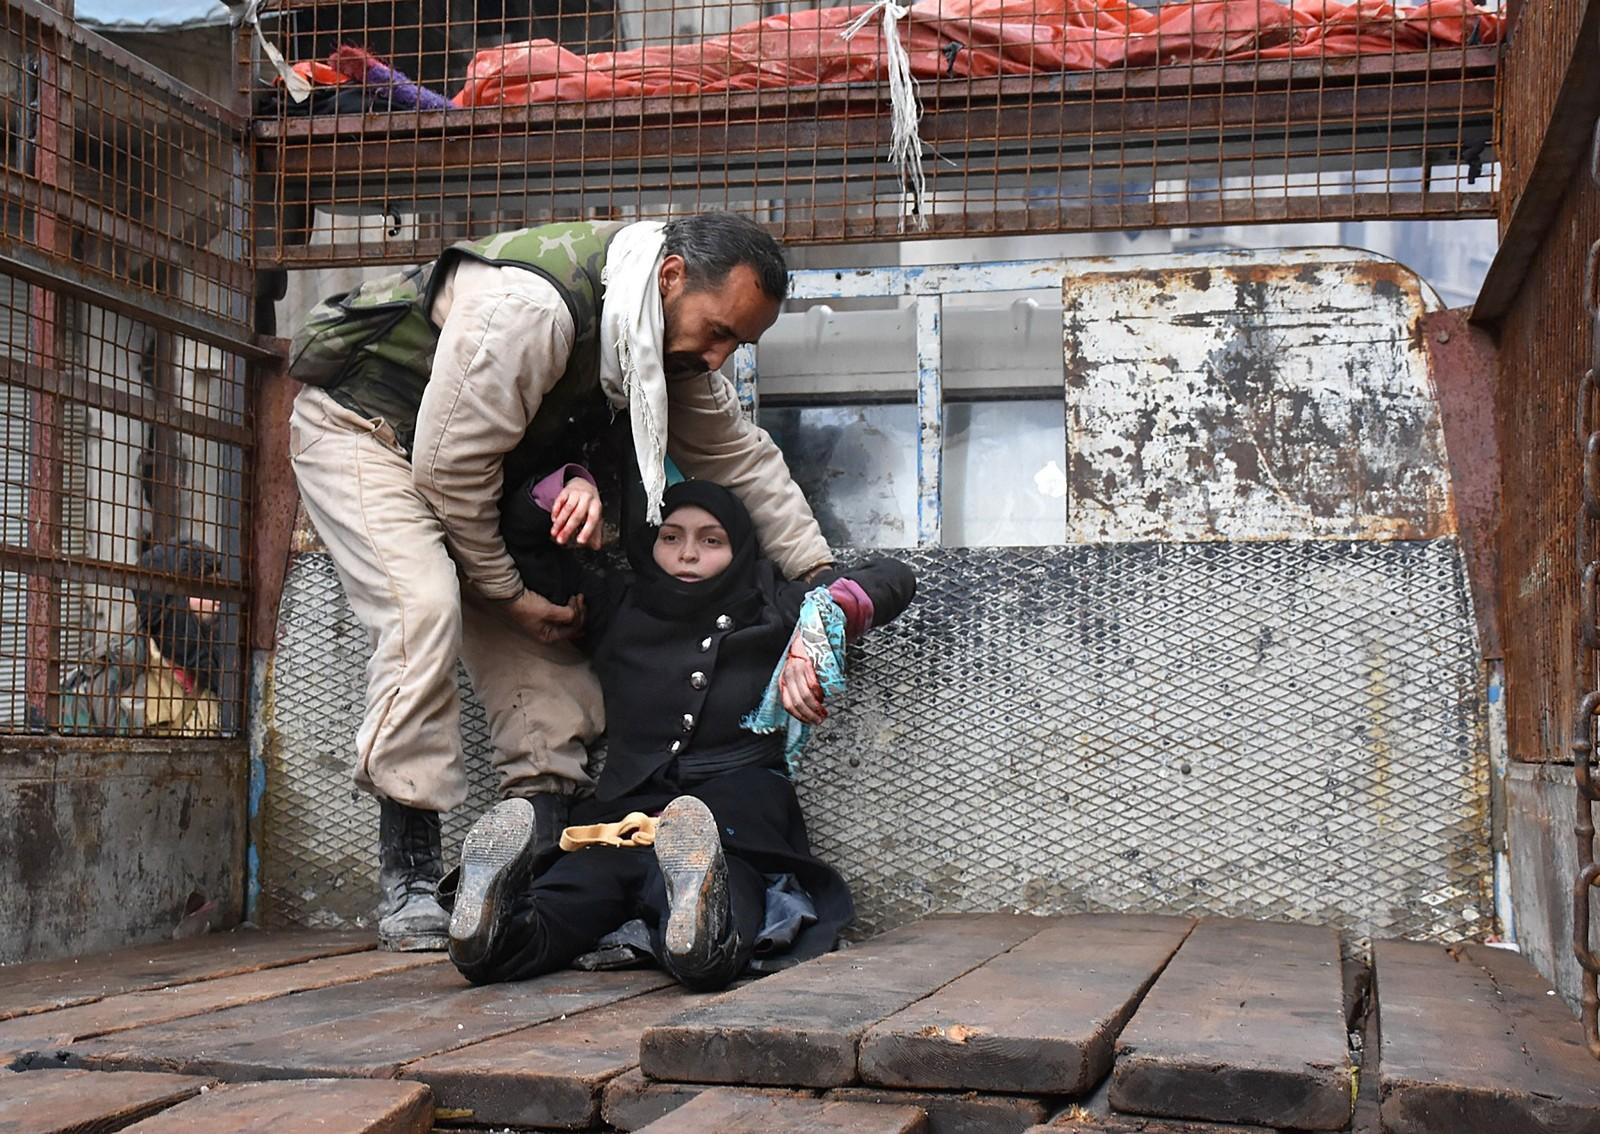 En skadet kvinne i al-Sukari i Aleppo blir hjulpet opp på et lasteplan under kamphandlingene.